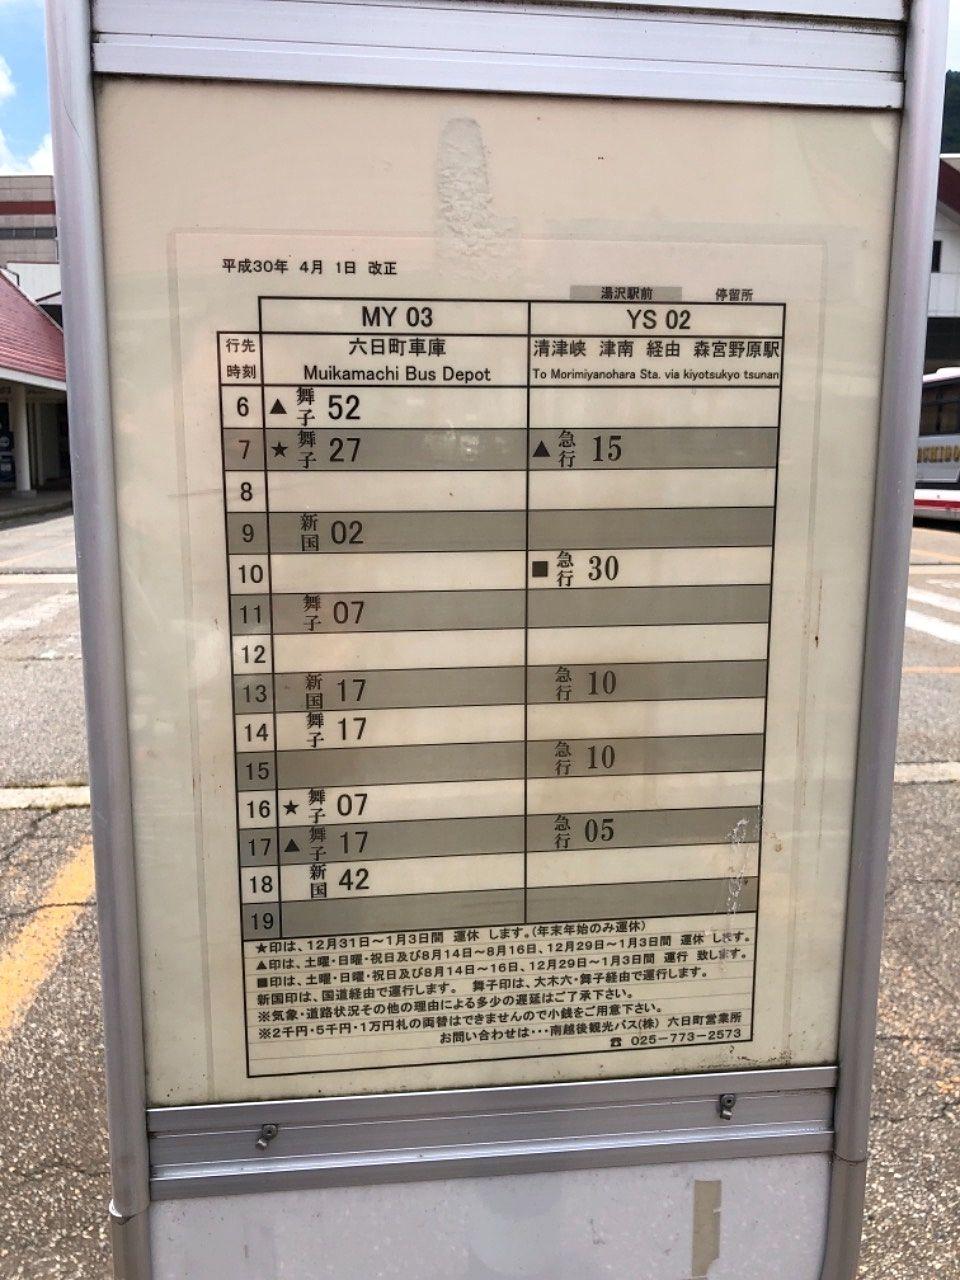 ツインタワー石打 越後湯沢駅からバス利用の場合